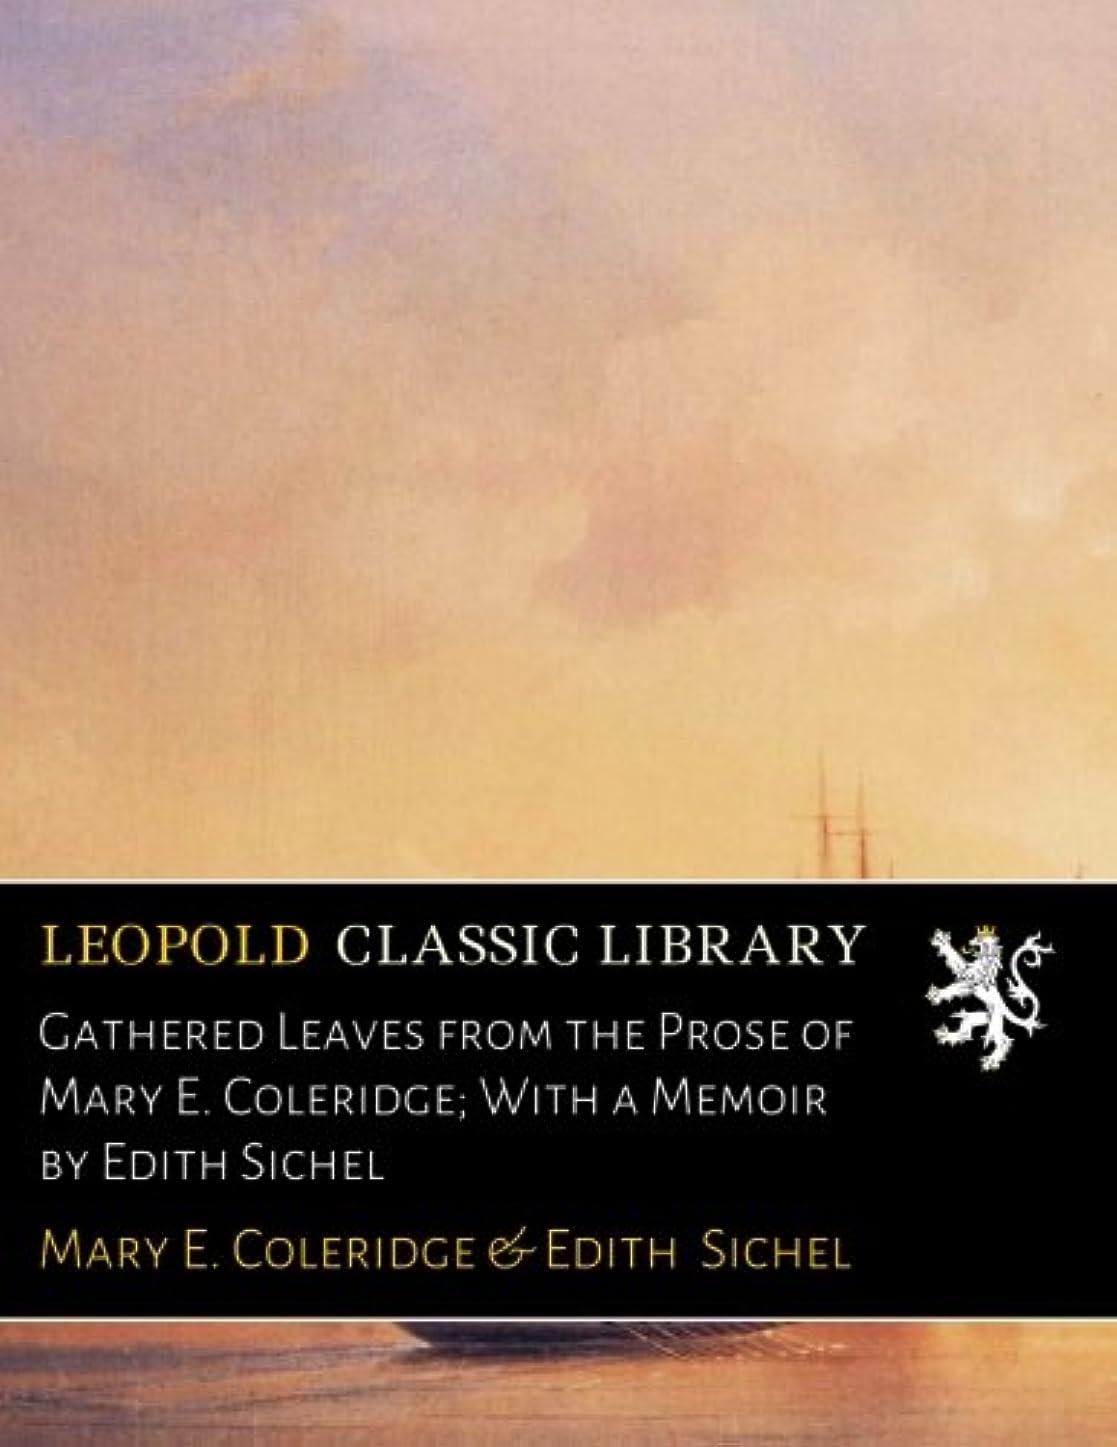 符号注文Gathered Leaves from the Prose of Mary E. Coleridge; With a Memoir by Edith Sichel